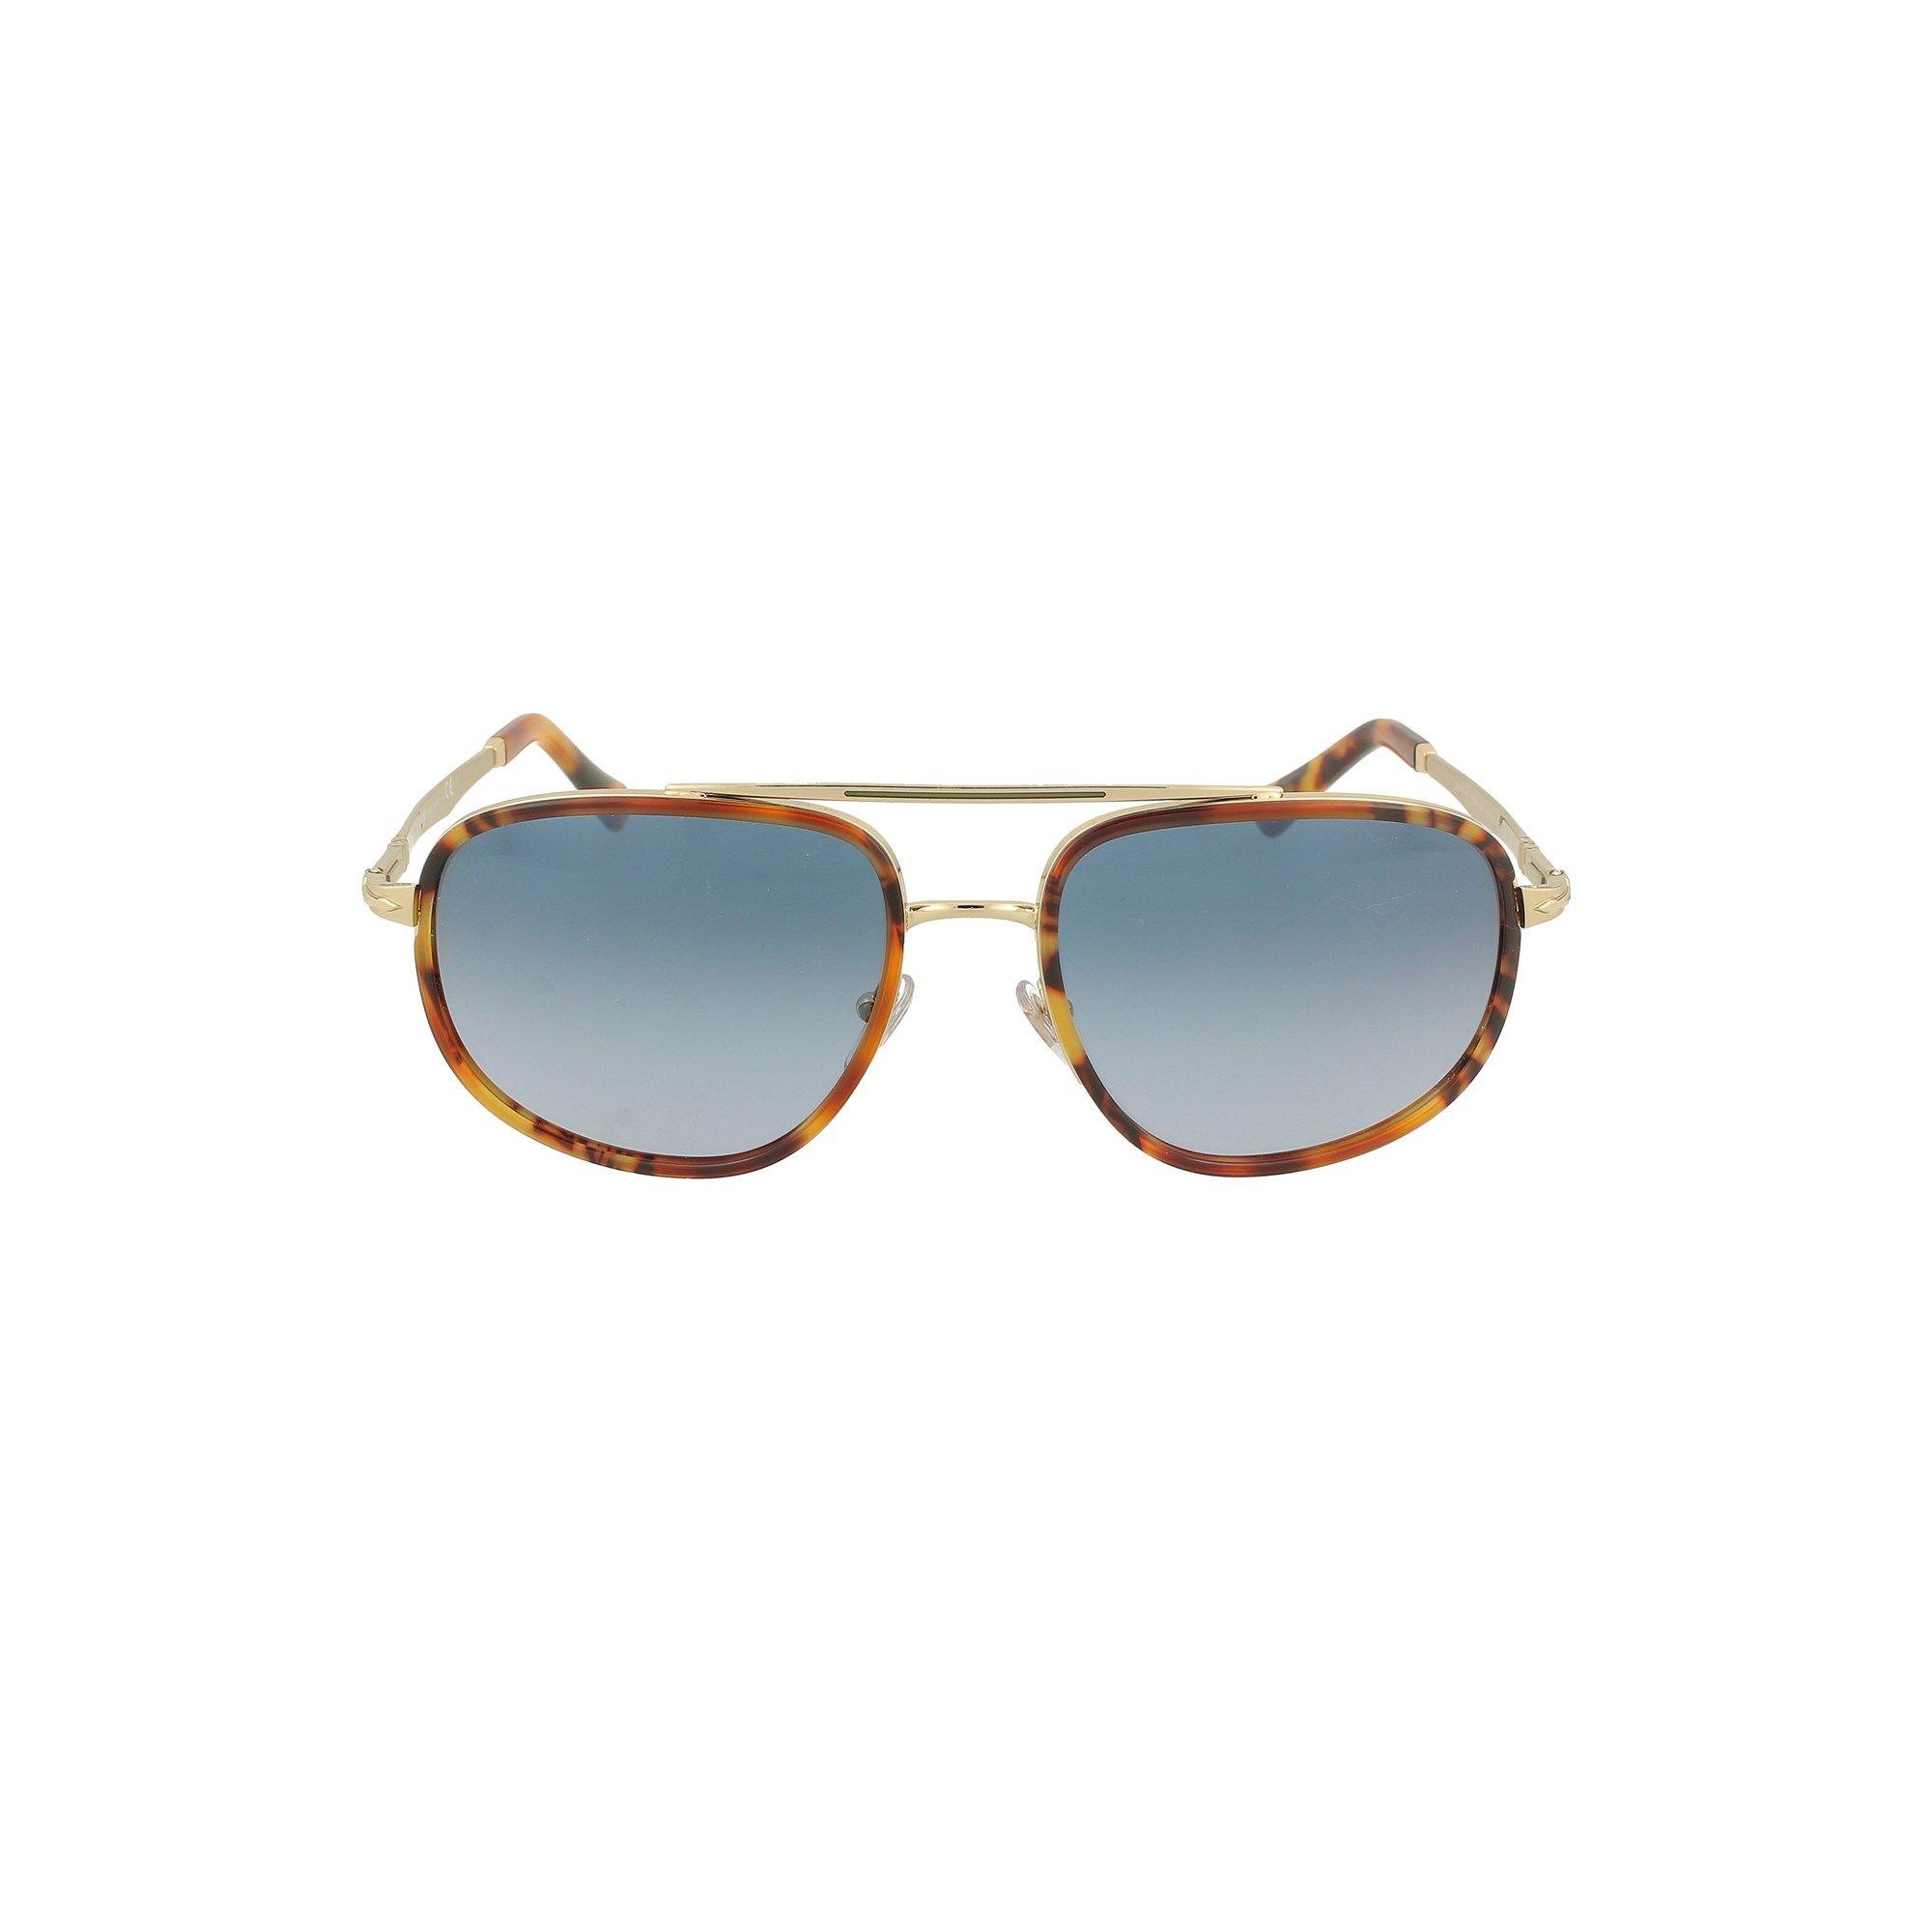 Persol Sunglasses PERSOL MEN'S BROWN METAL SUNGLASSES